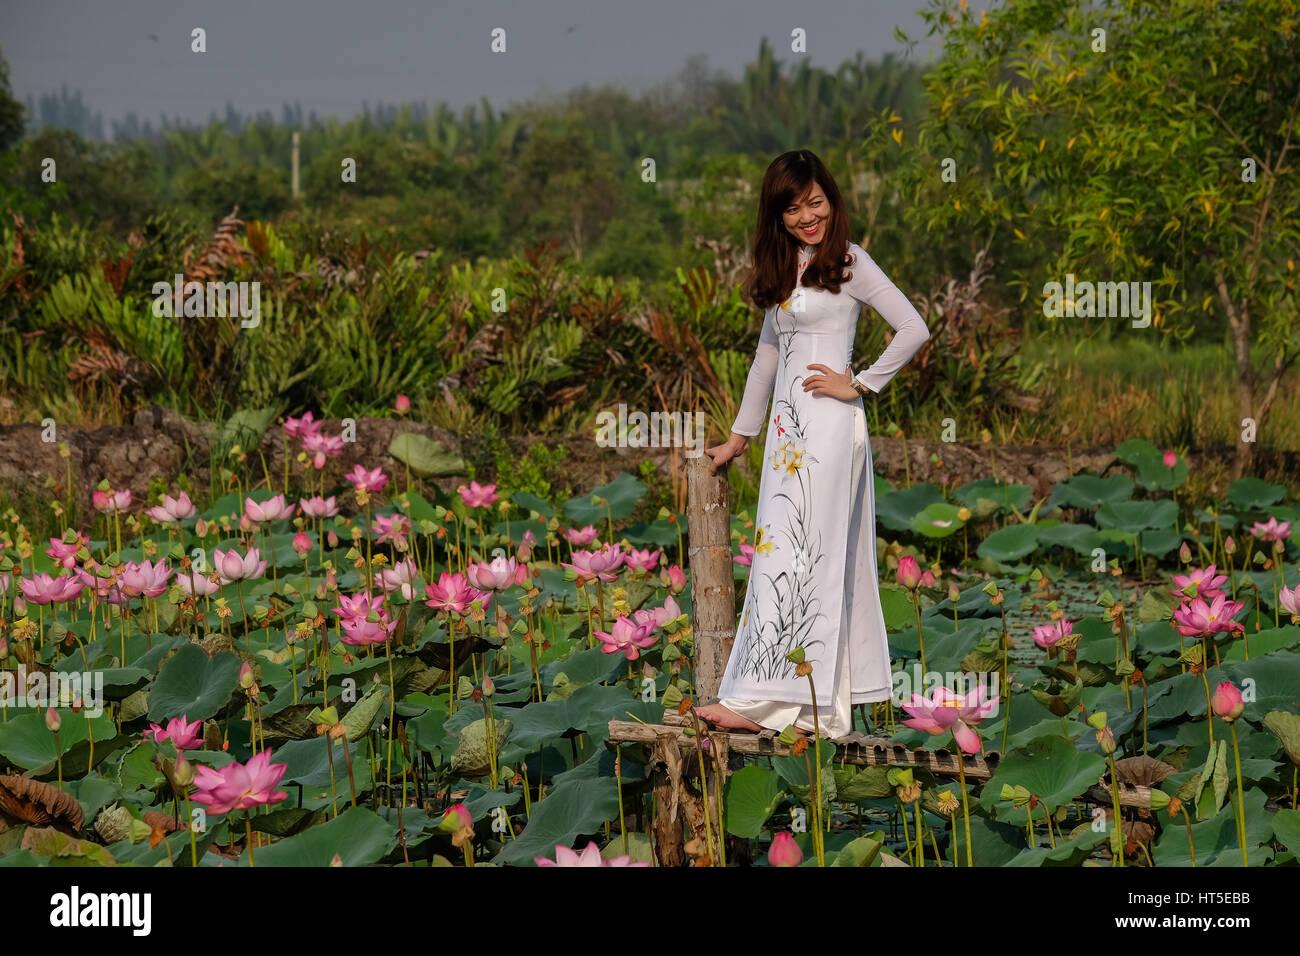 Vietnamese Lotus Flowers Stock Photos & Vietnamese Lotus Flowers ...